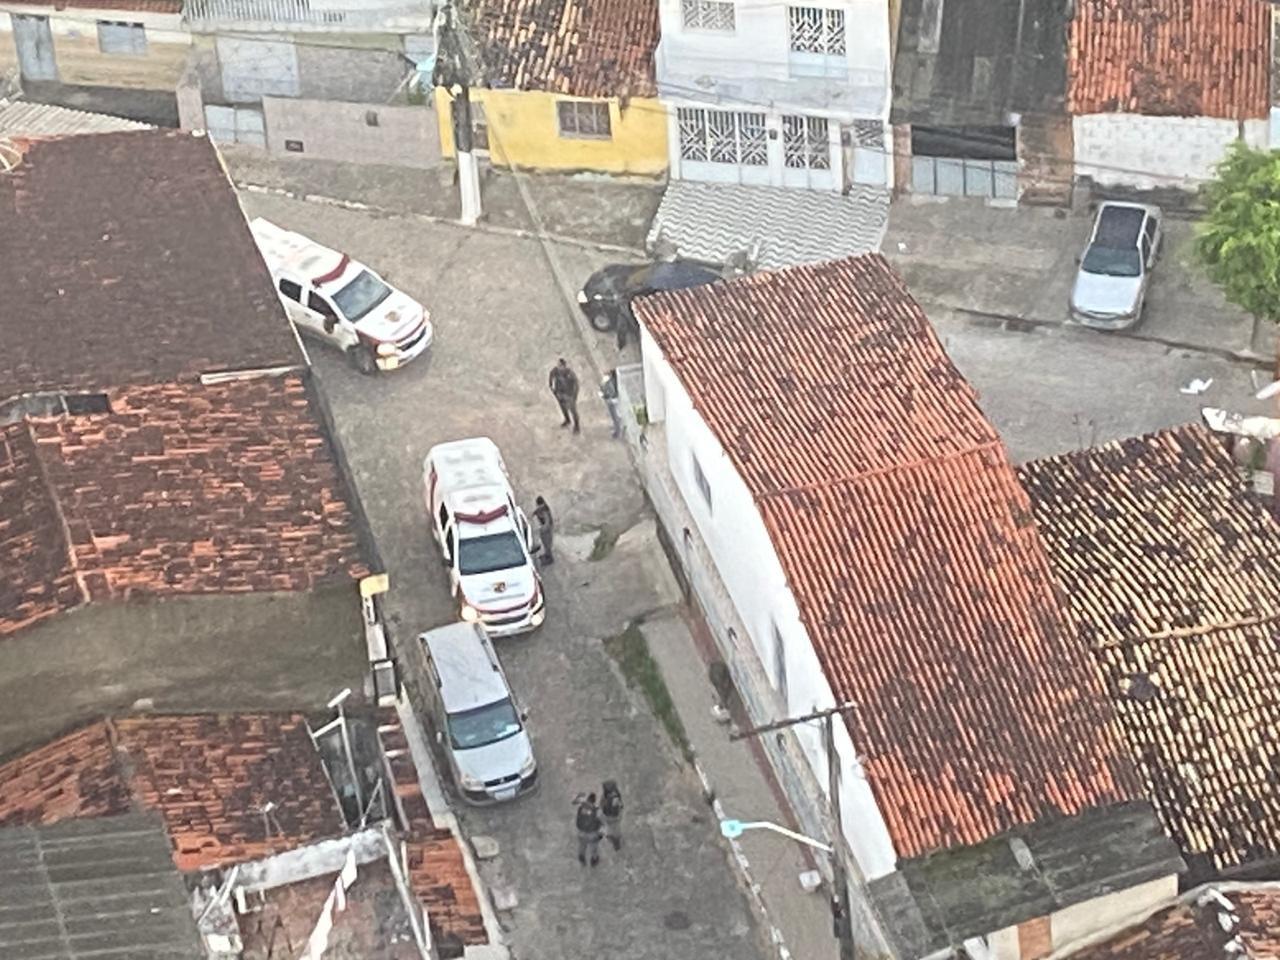 Operação policial prende suspeitos de integrar organizações criminosas em Maceió e São Miguel dos Campos, AL